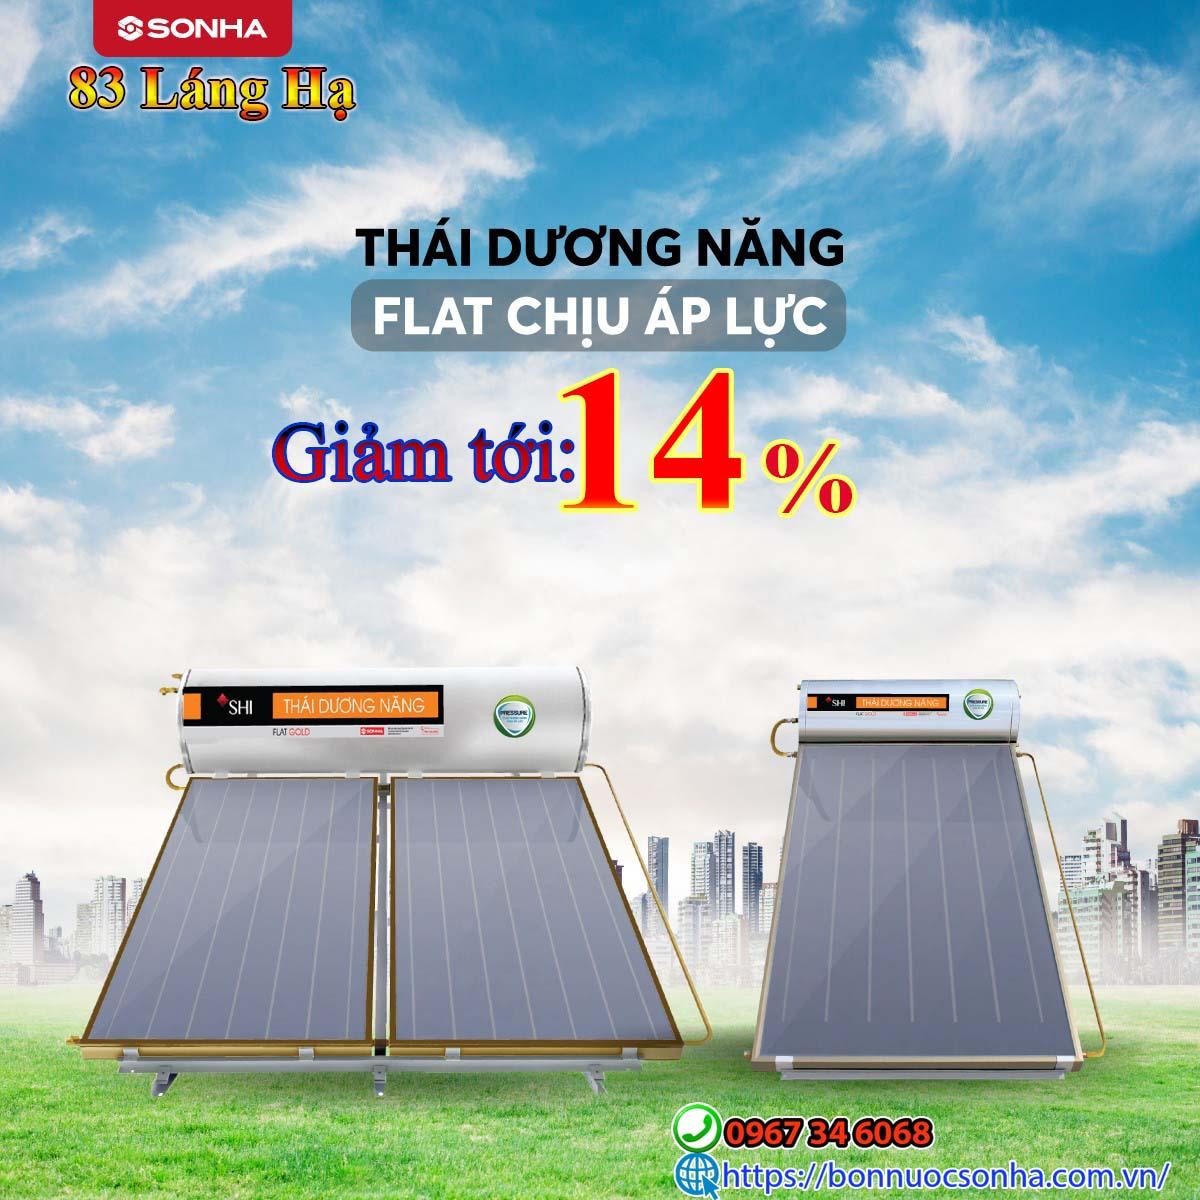 Thai Duong Nang Flat Chiu Ap Luc Giam Toi 14 %